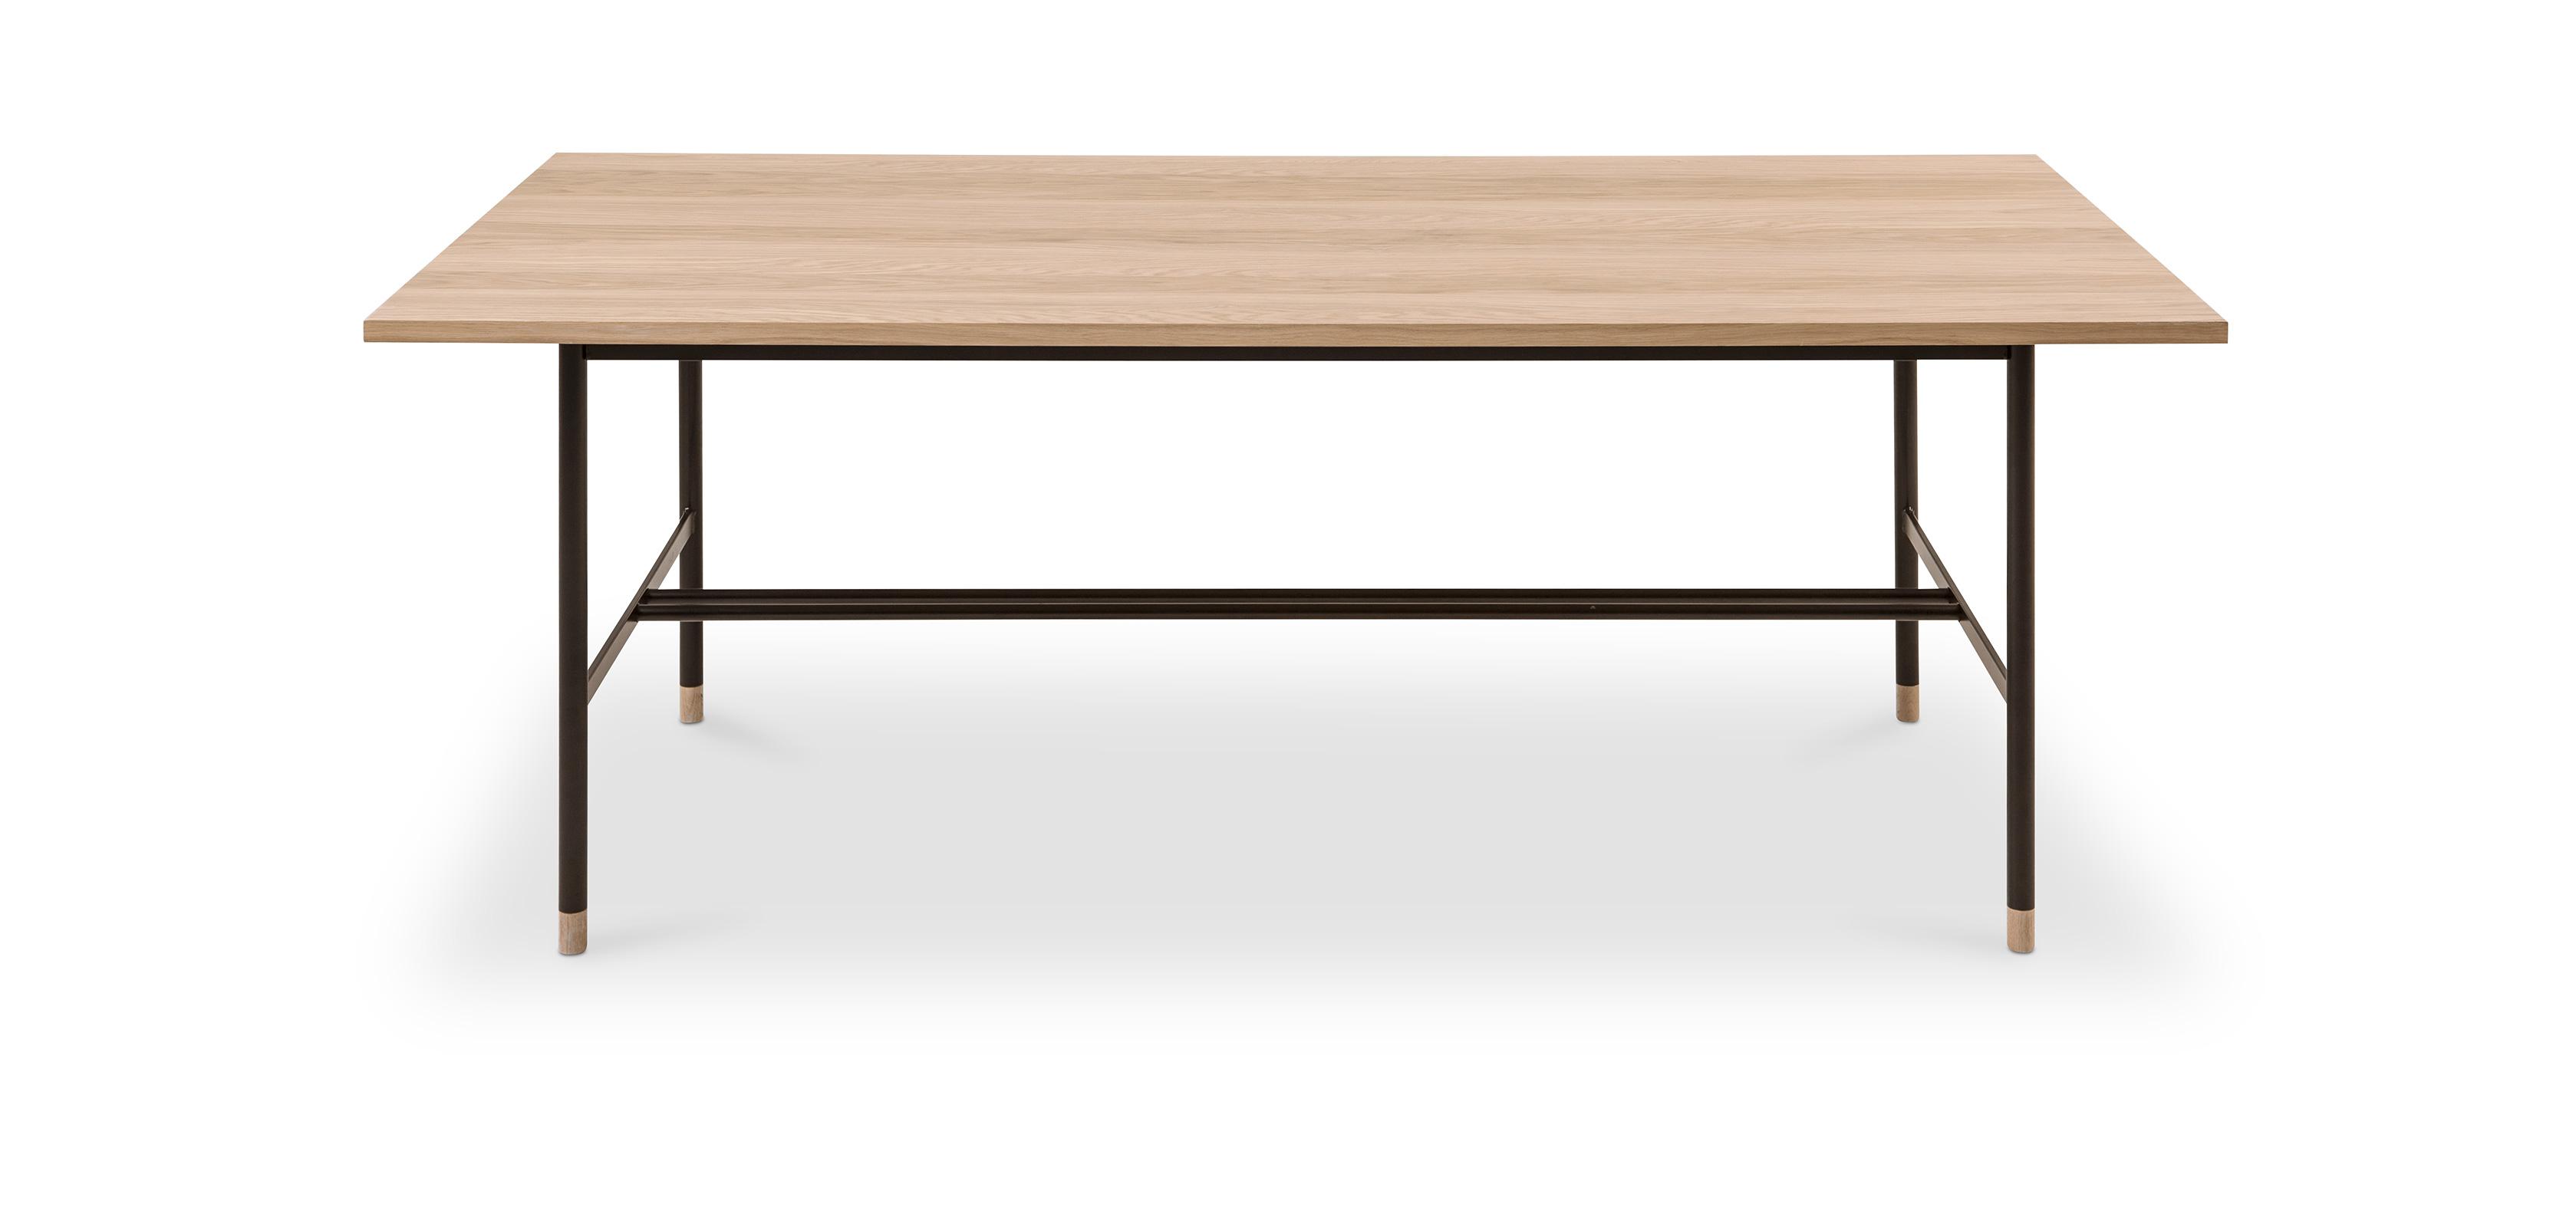 Table de salle à manger de style industriel en bois et métal